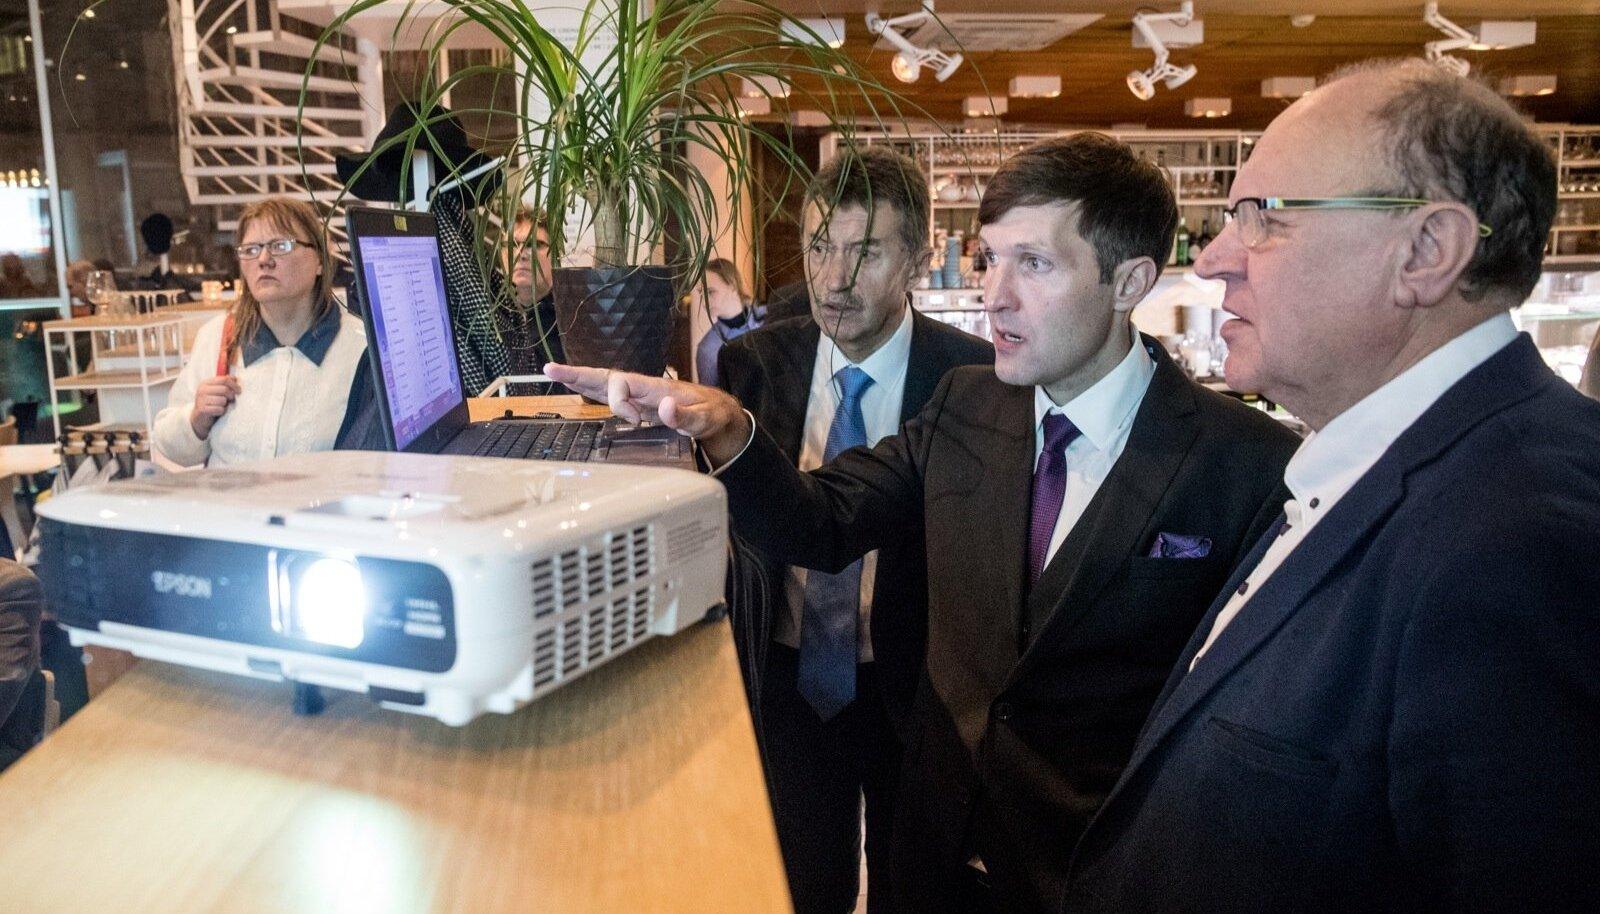 Martin ja Mart Helme tutvuvad valimistulemustega